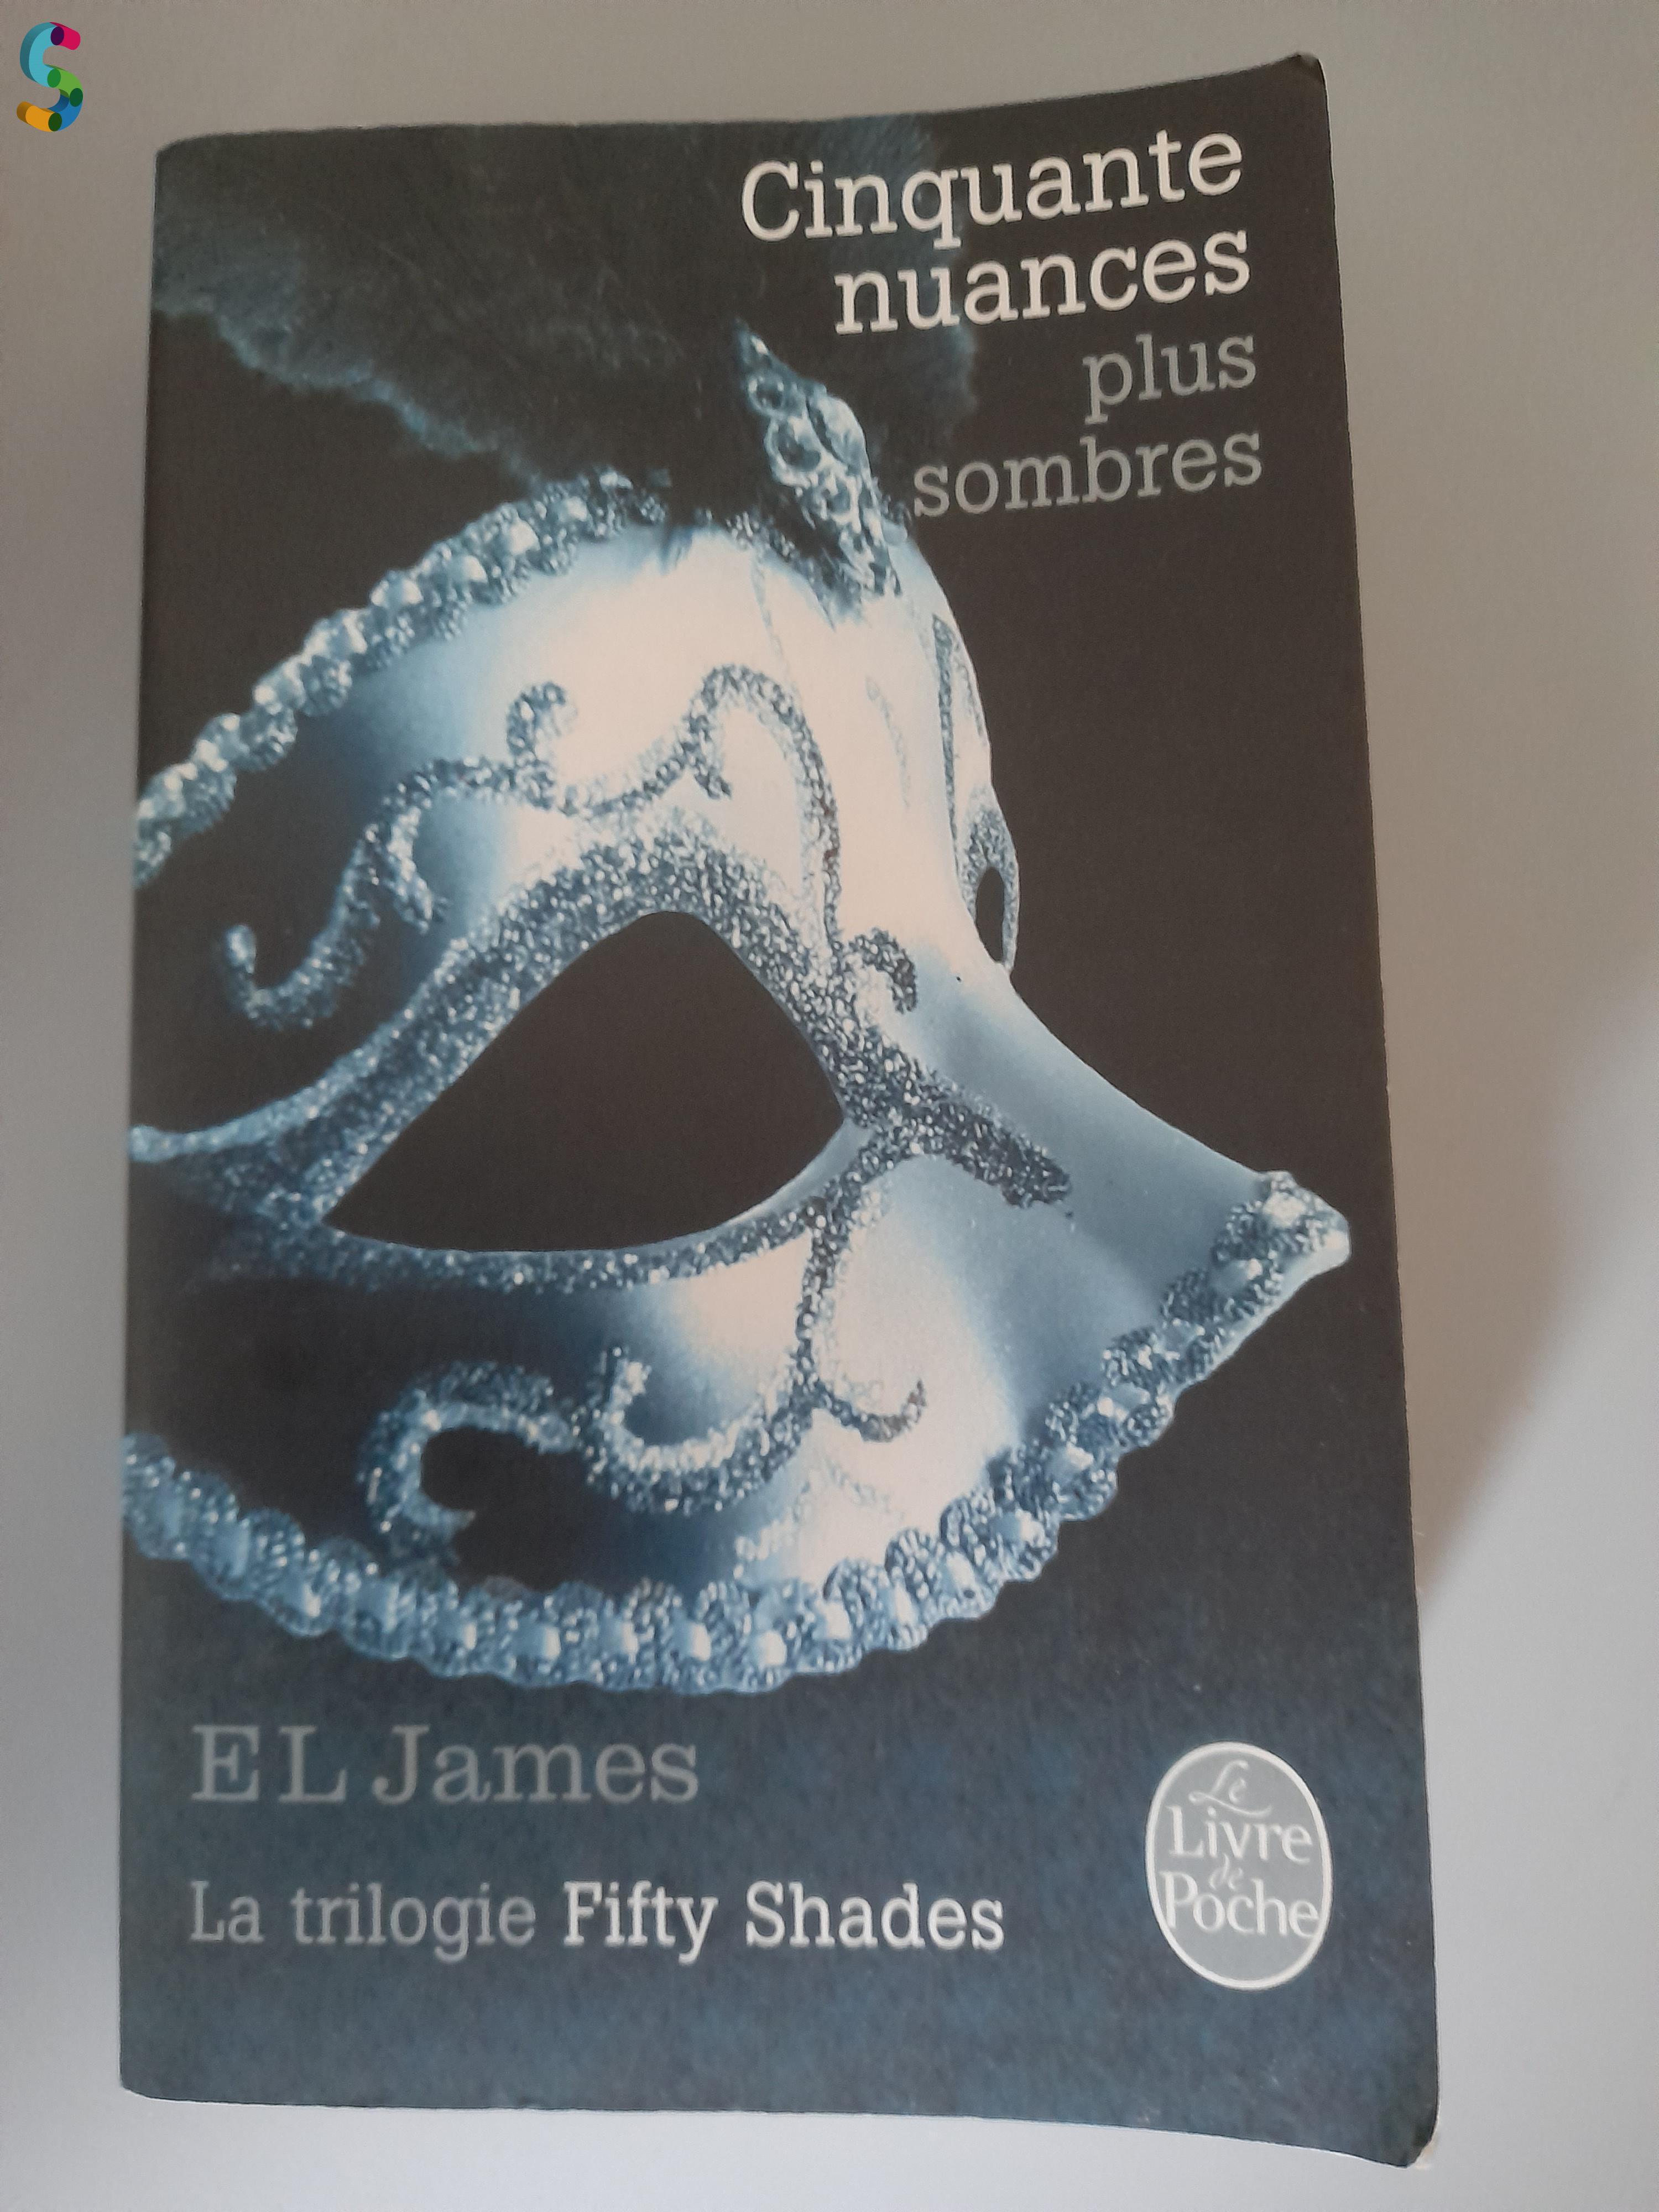 La trilogie cinquante nuances plus claires, de Grey et plus sombres